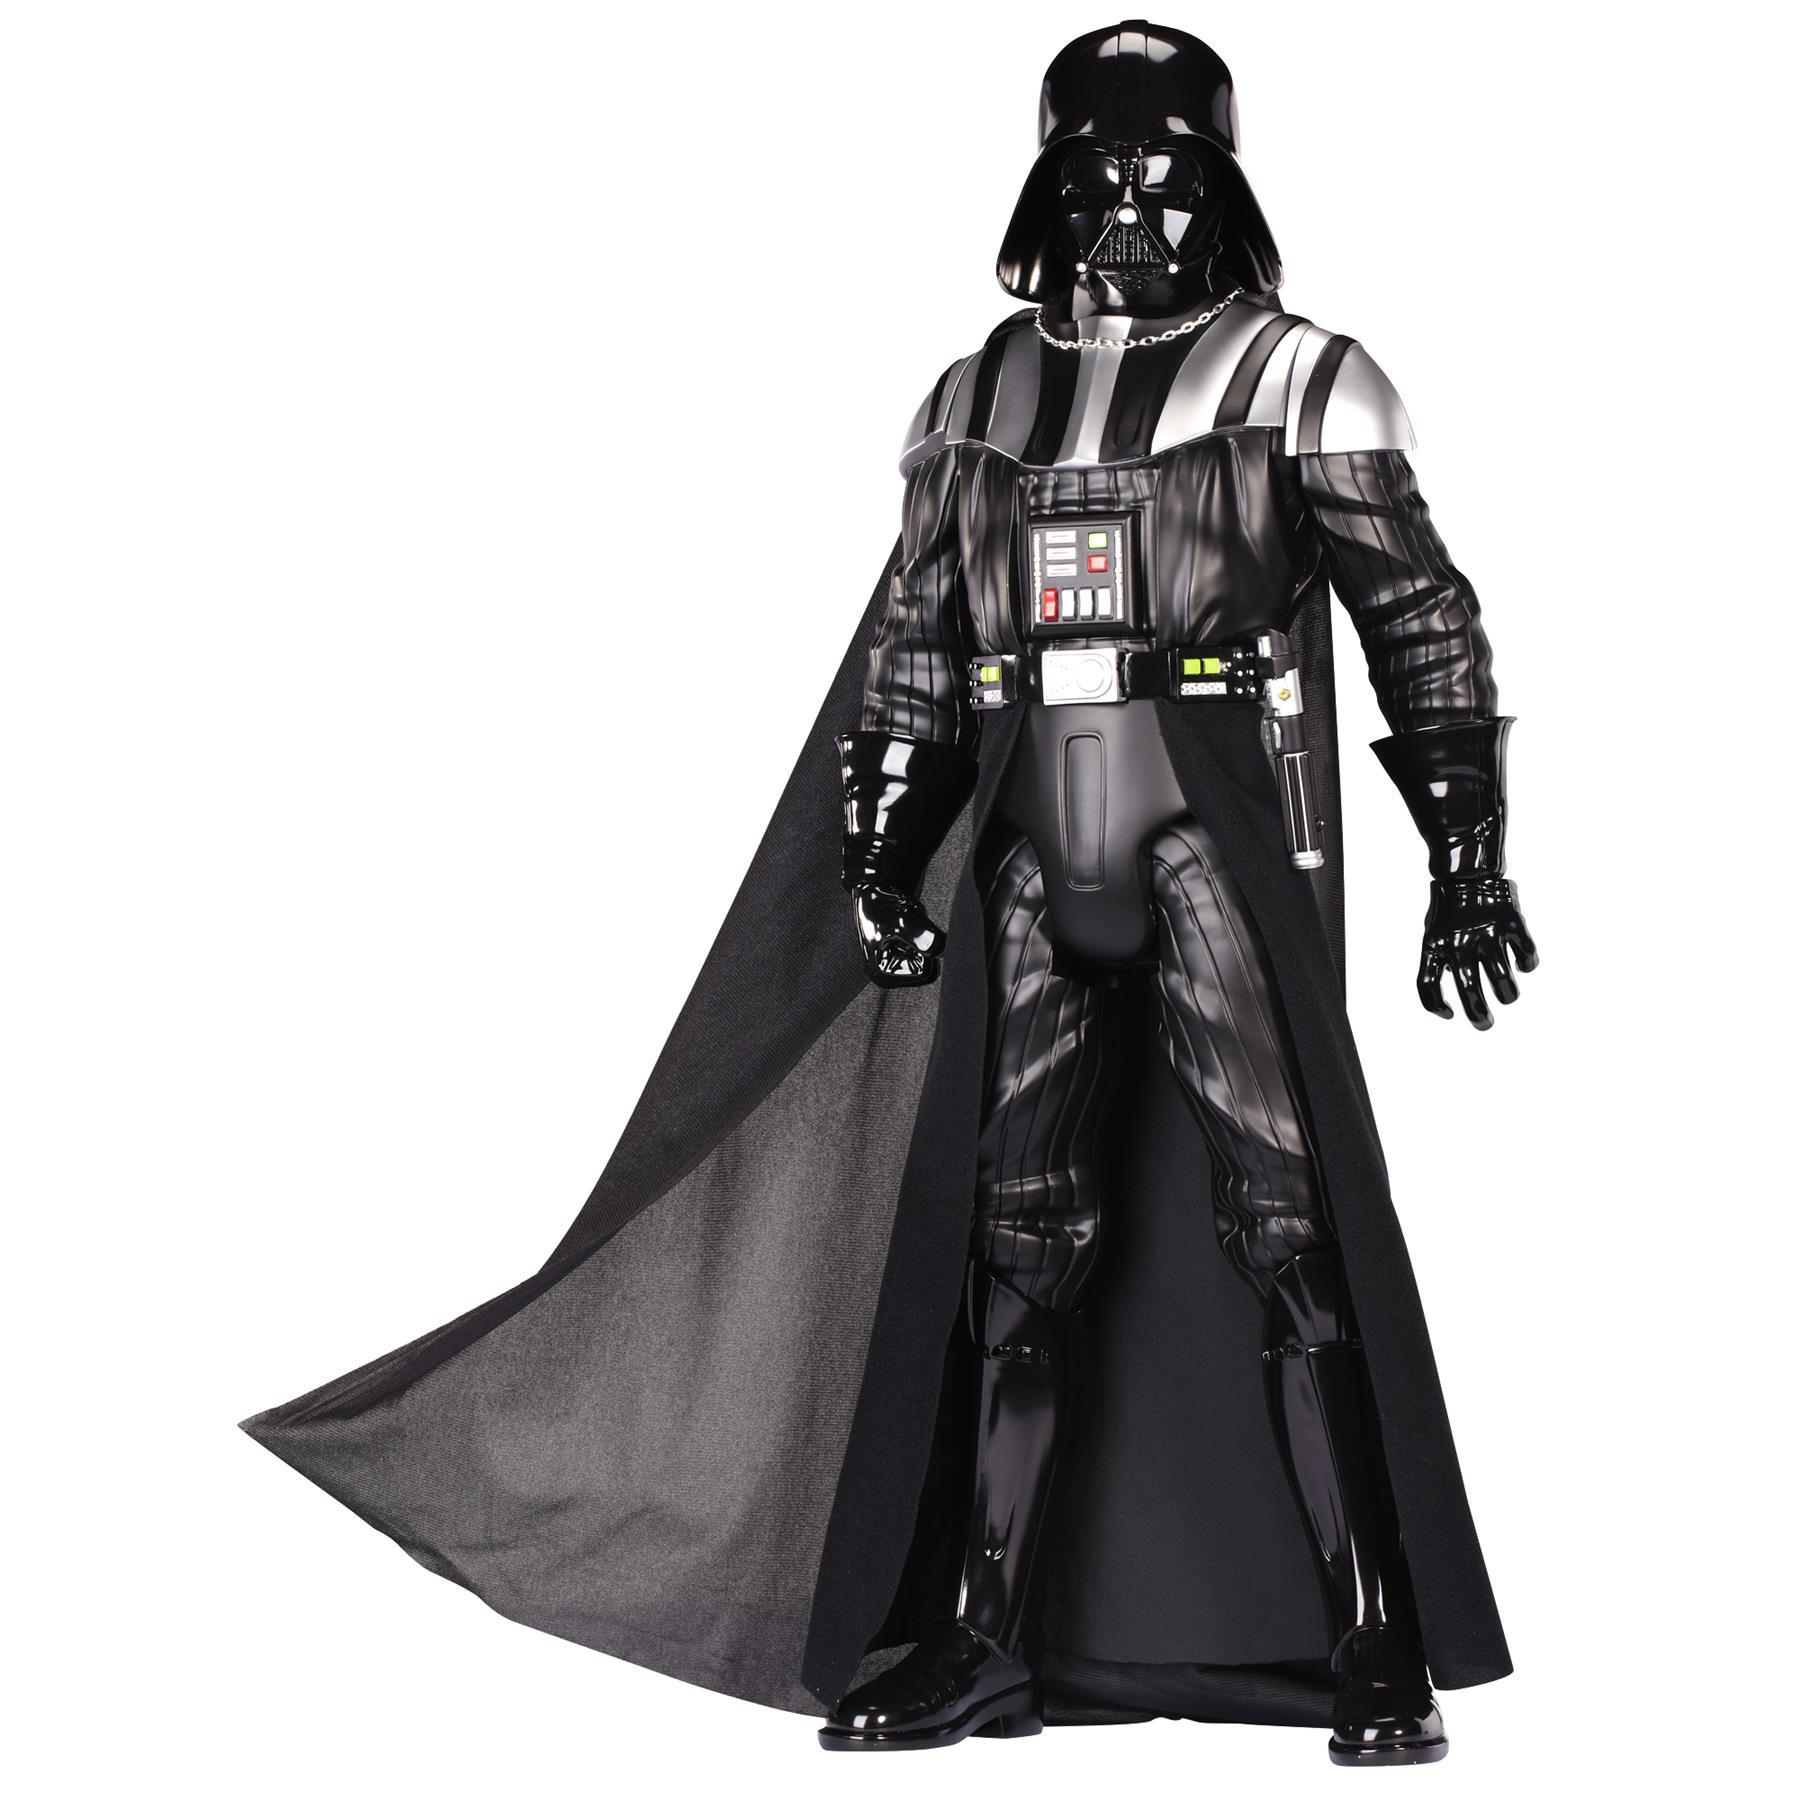 Star Wars Darth Vader Lampe Led Film Action Beleuchtung Figur Spielzeug Sammeln